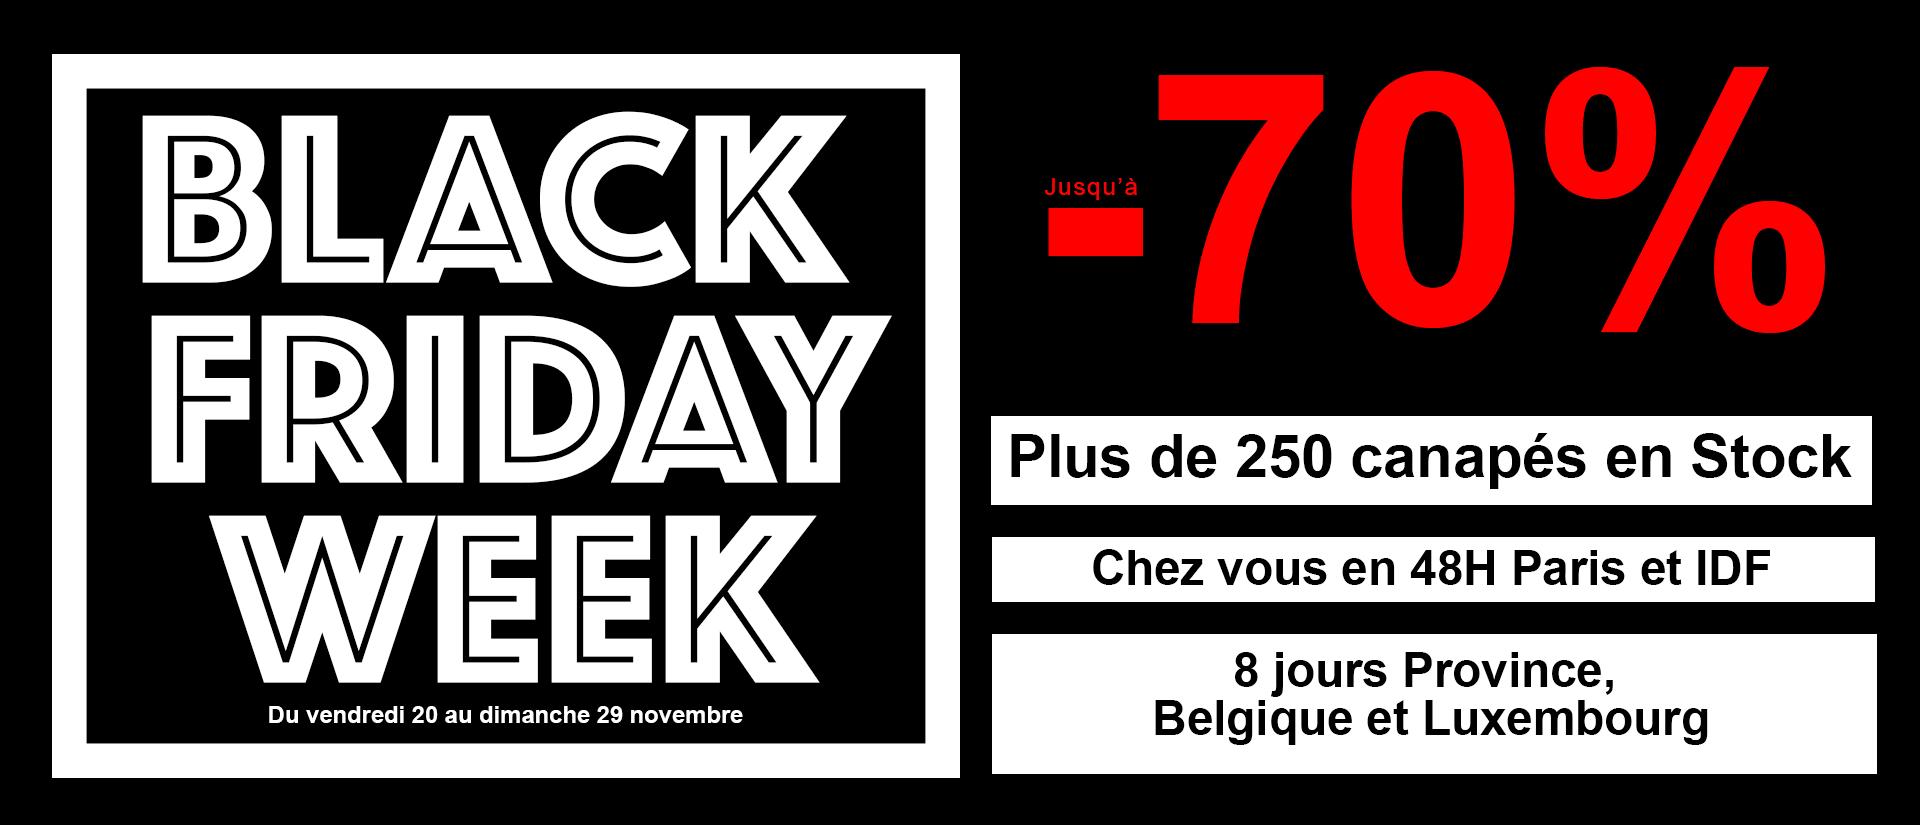 BLACK FRIDAY WEEK : jusqu'à - 70%